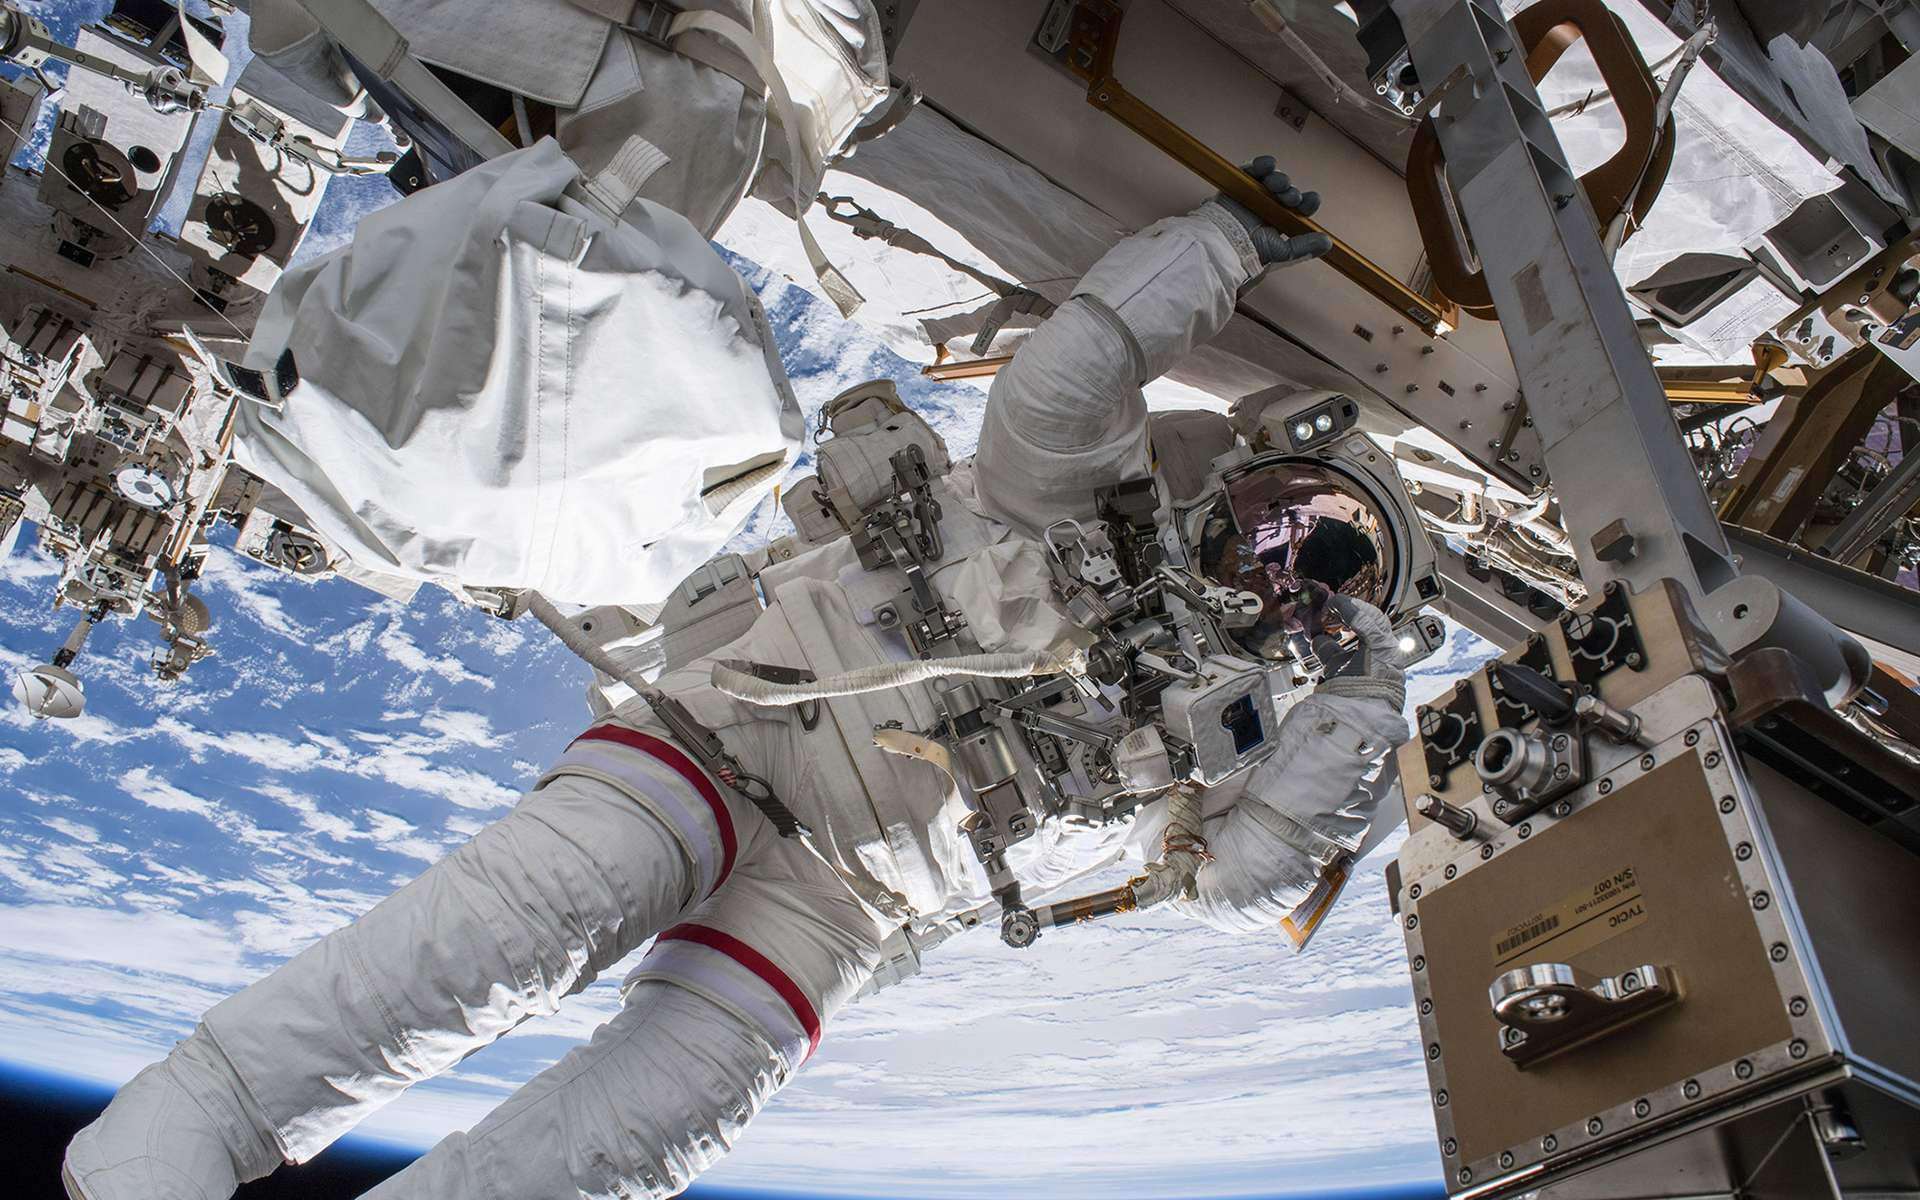 L'astronaute Drew Feustel de la Nasa lors d'une sortie extravéhiculaire à l'extérieur de la Station spatiale internationale. © Nasa